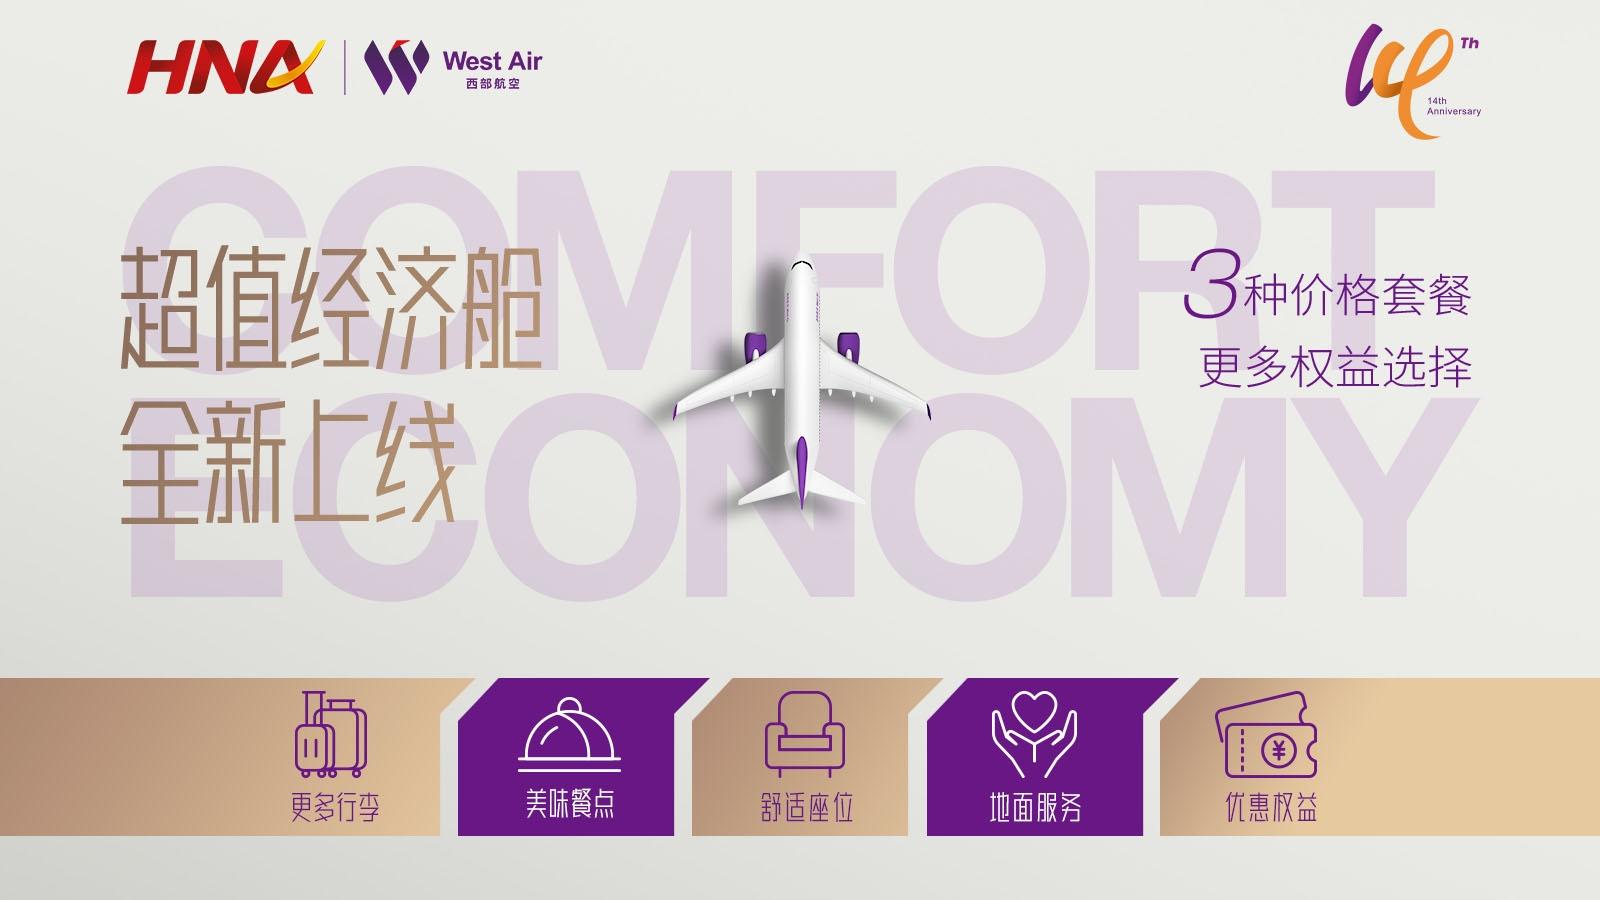 西部航空8月新开深圳=海口、郑州=呼和浩特等多条直飞航线